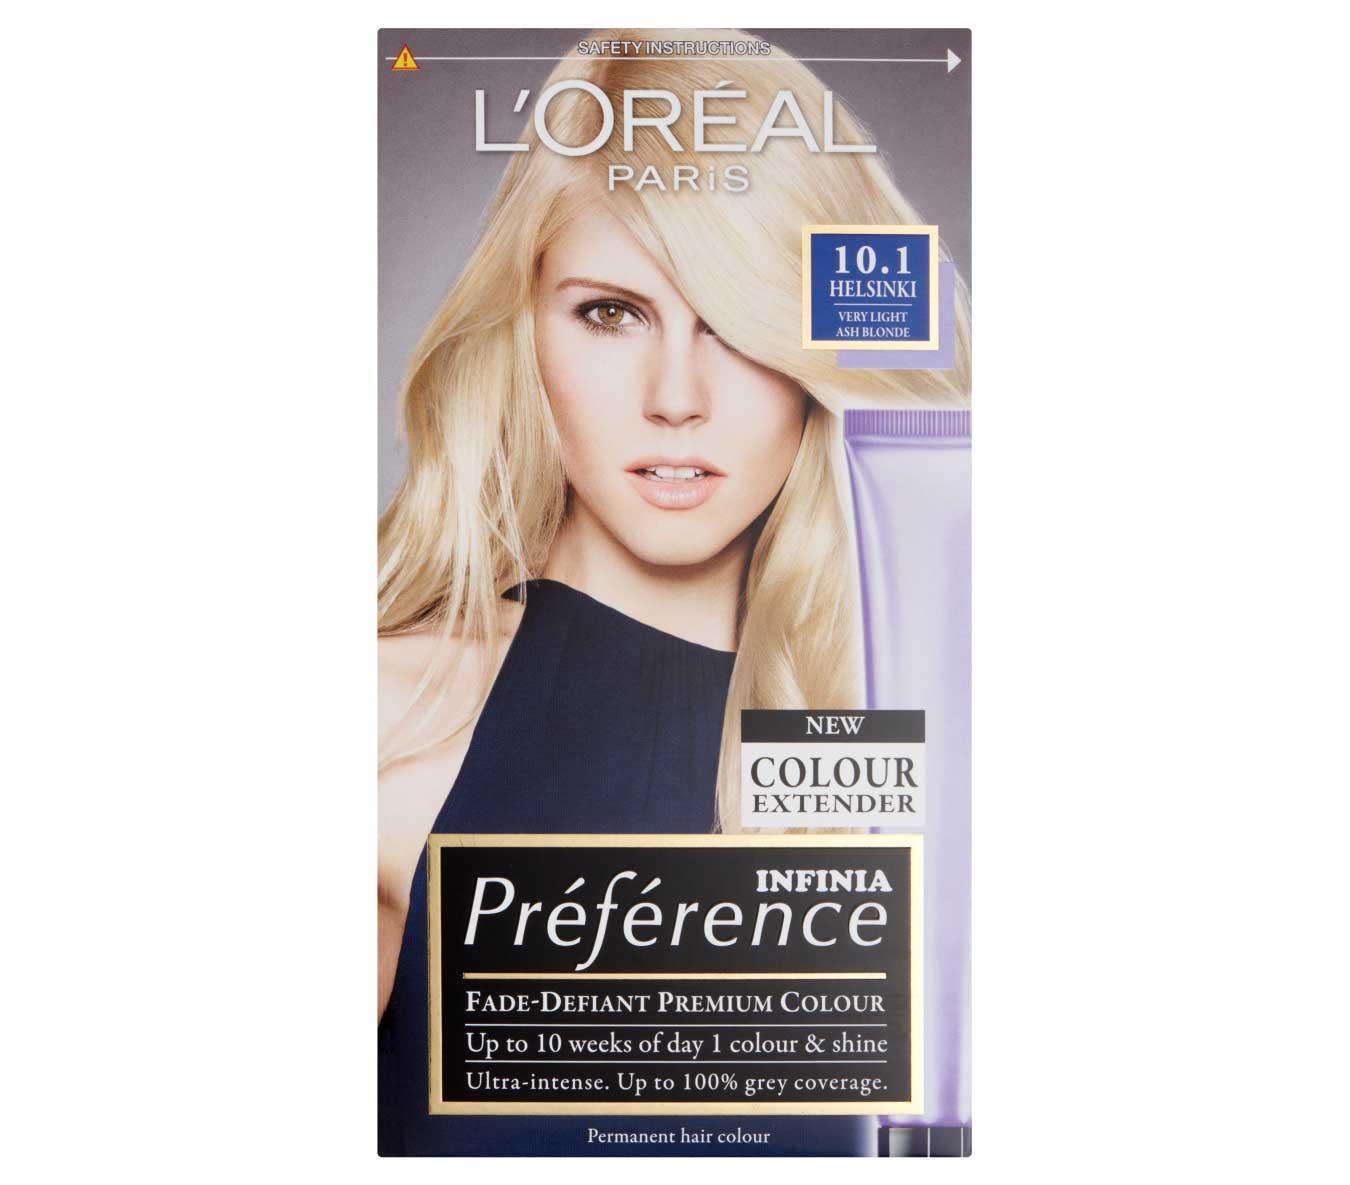 Préférence Infinia Hair Dye & Colour | Hair Colour | L'Oréal Paris